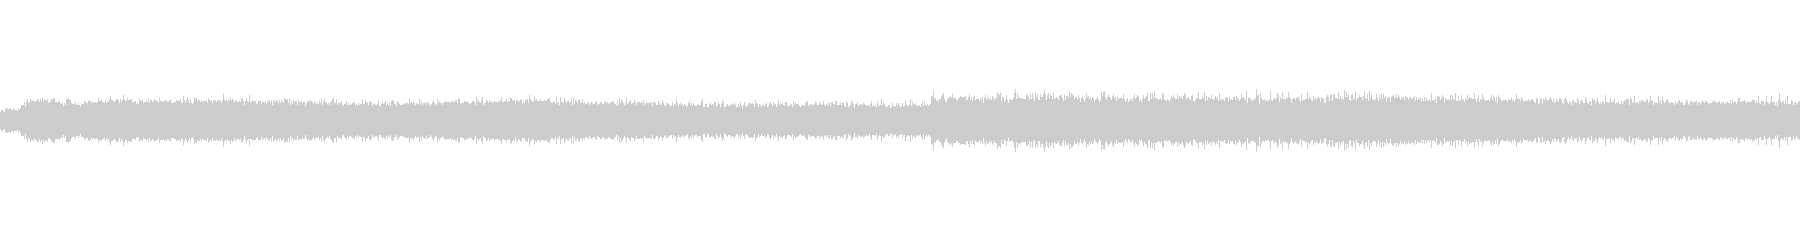 ジージーという蝉の声の未再生の波形